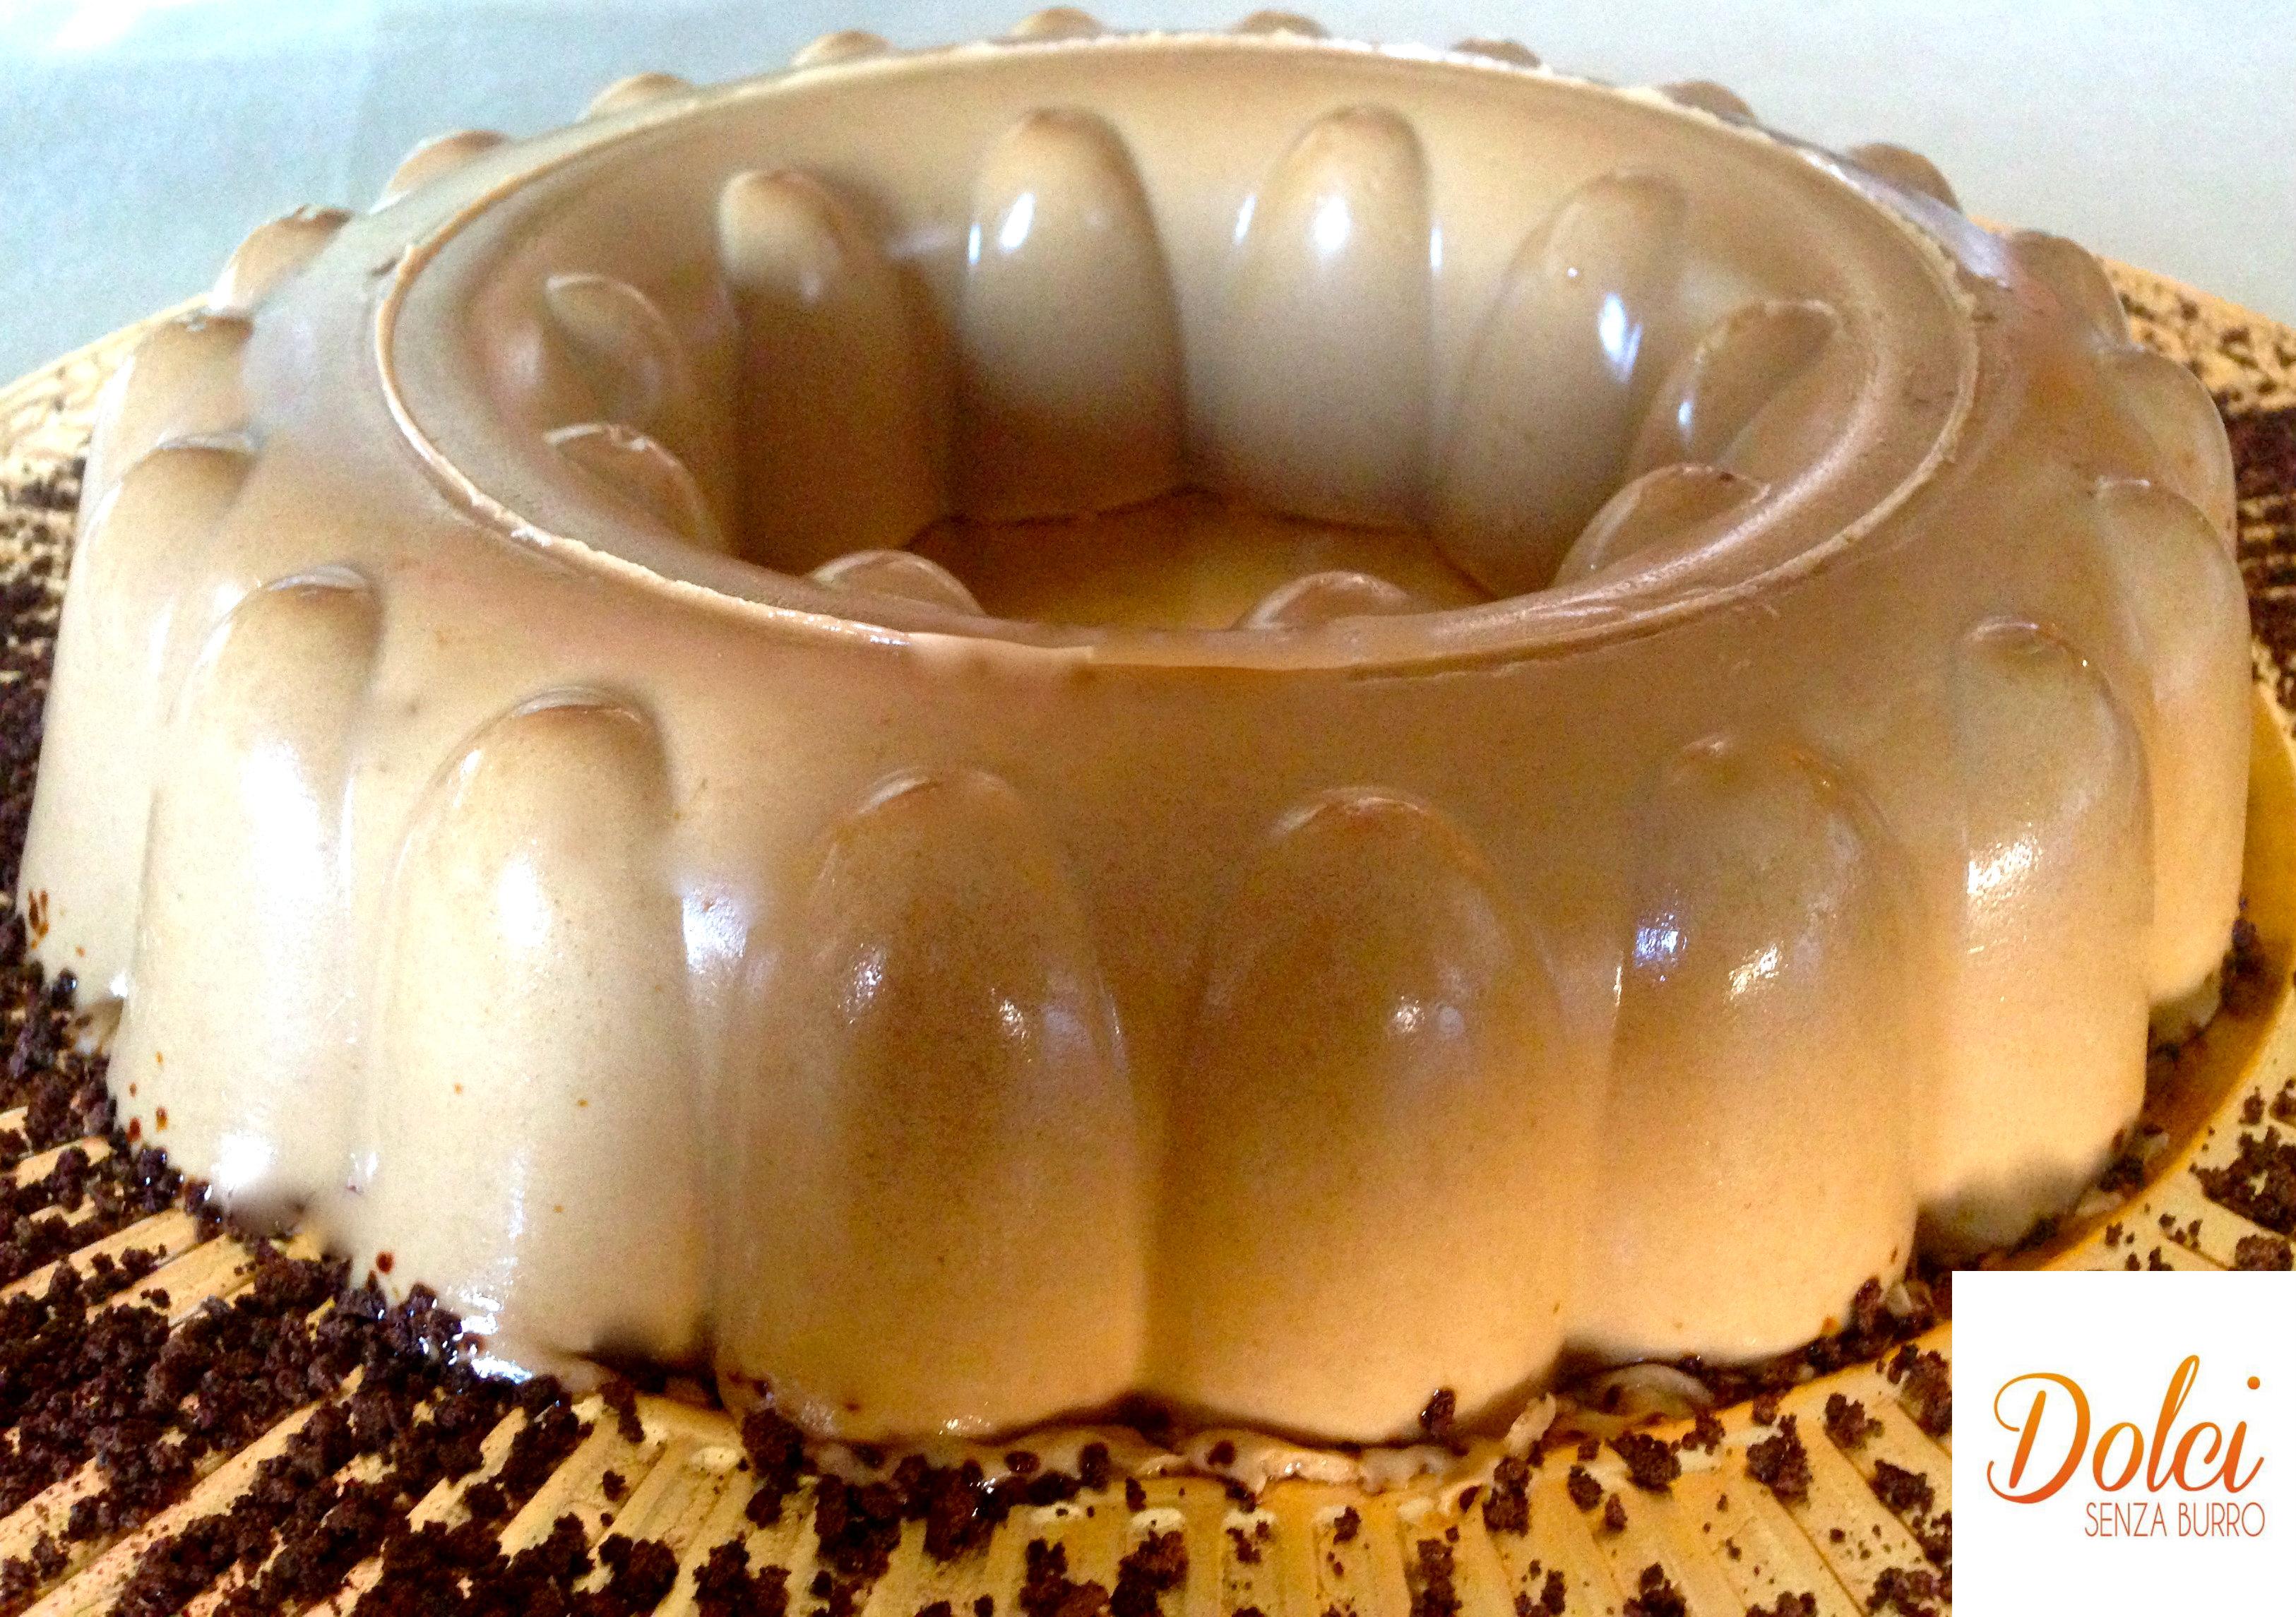 Bavarese al Caffe, il dolce al cucchiaio di Dolci Senza Burro